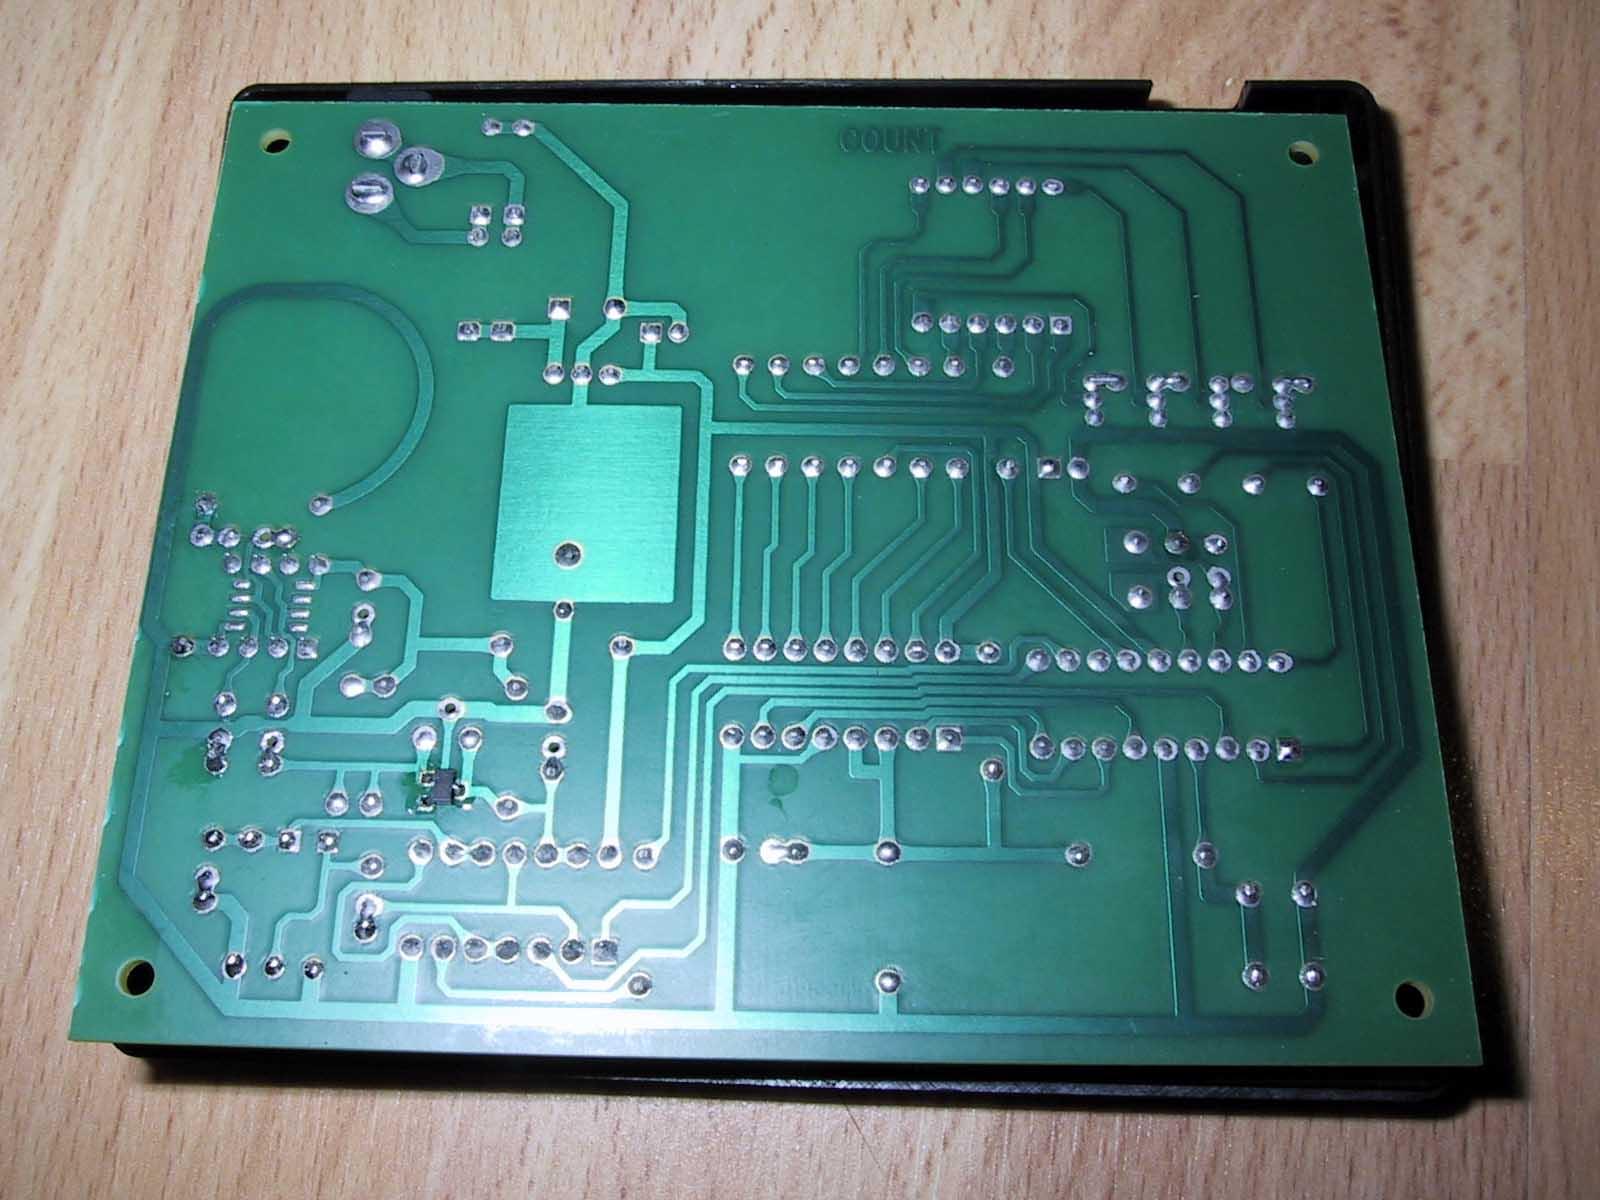 схема ипб ар300